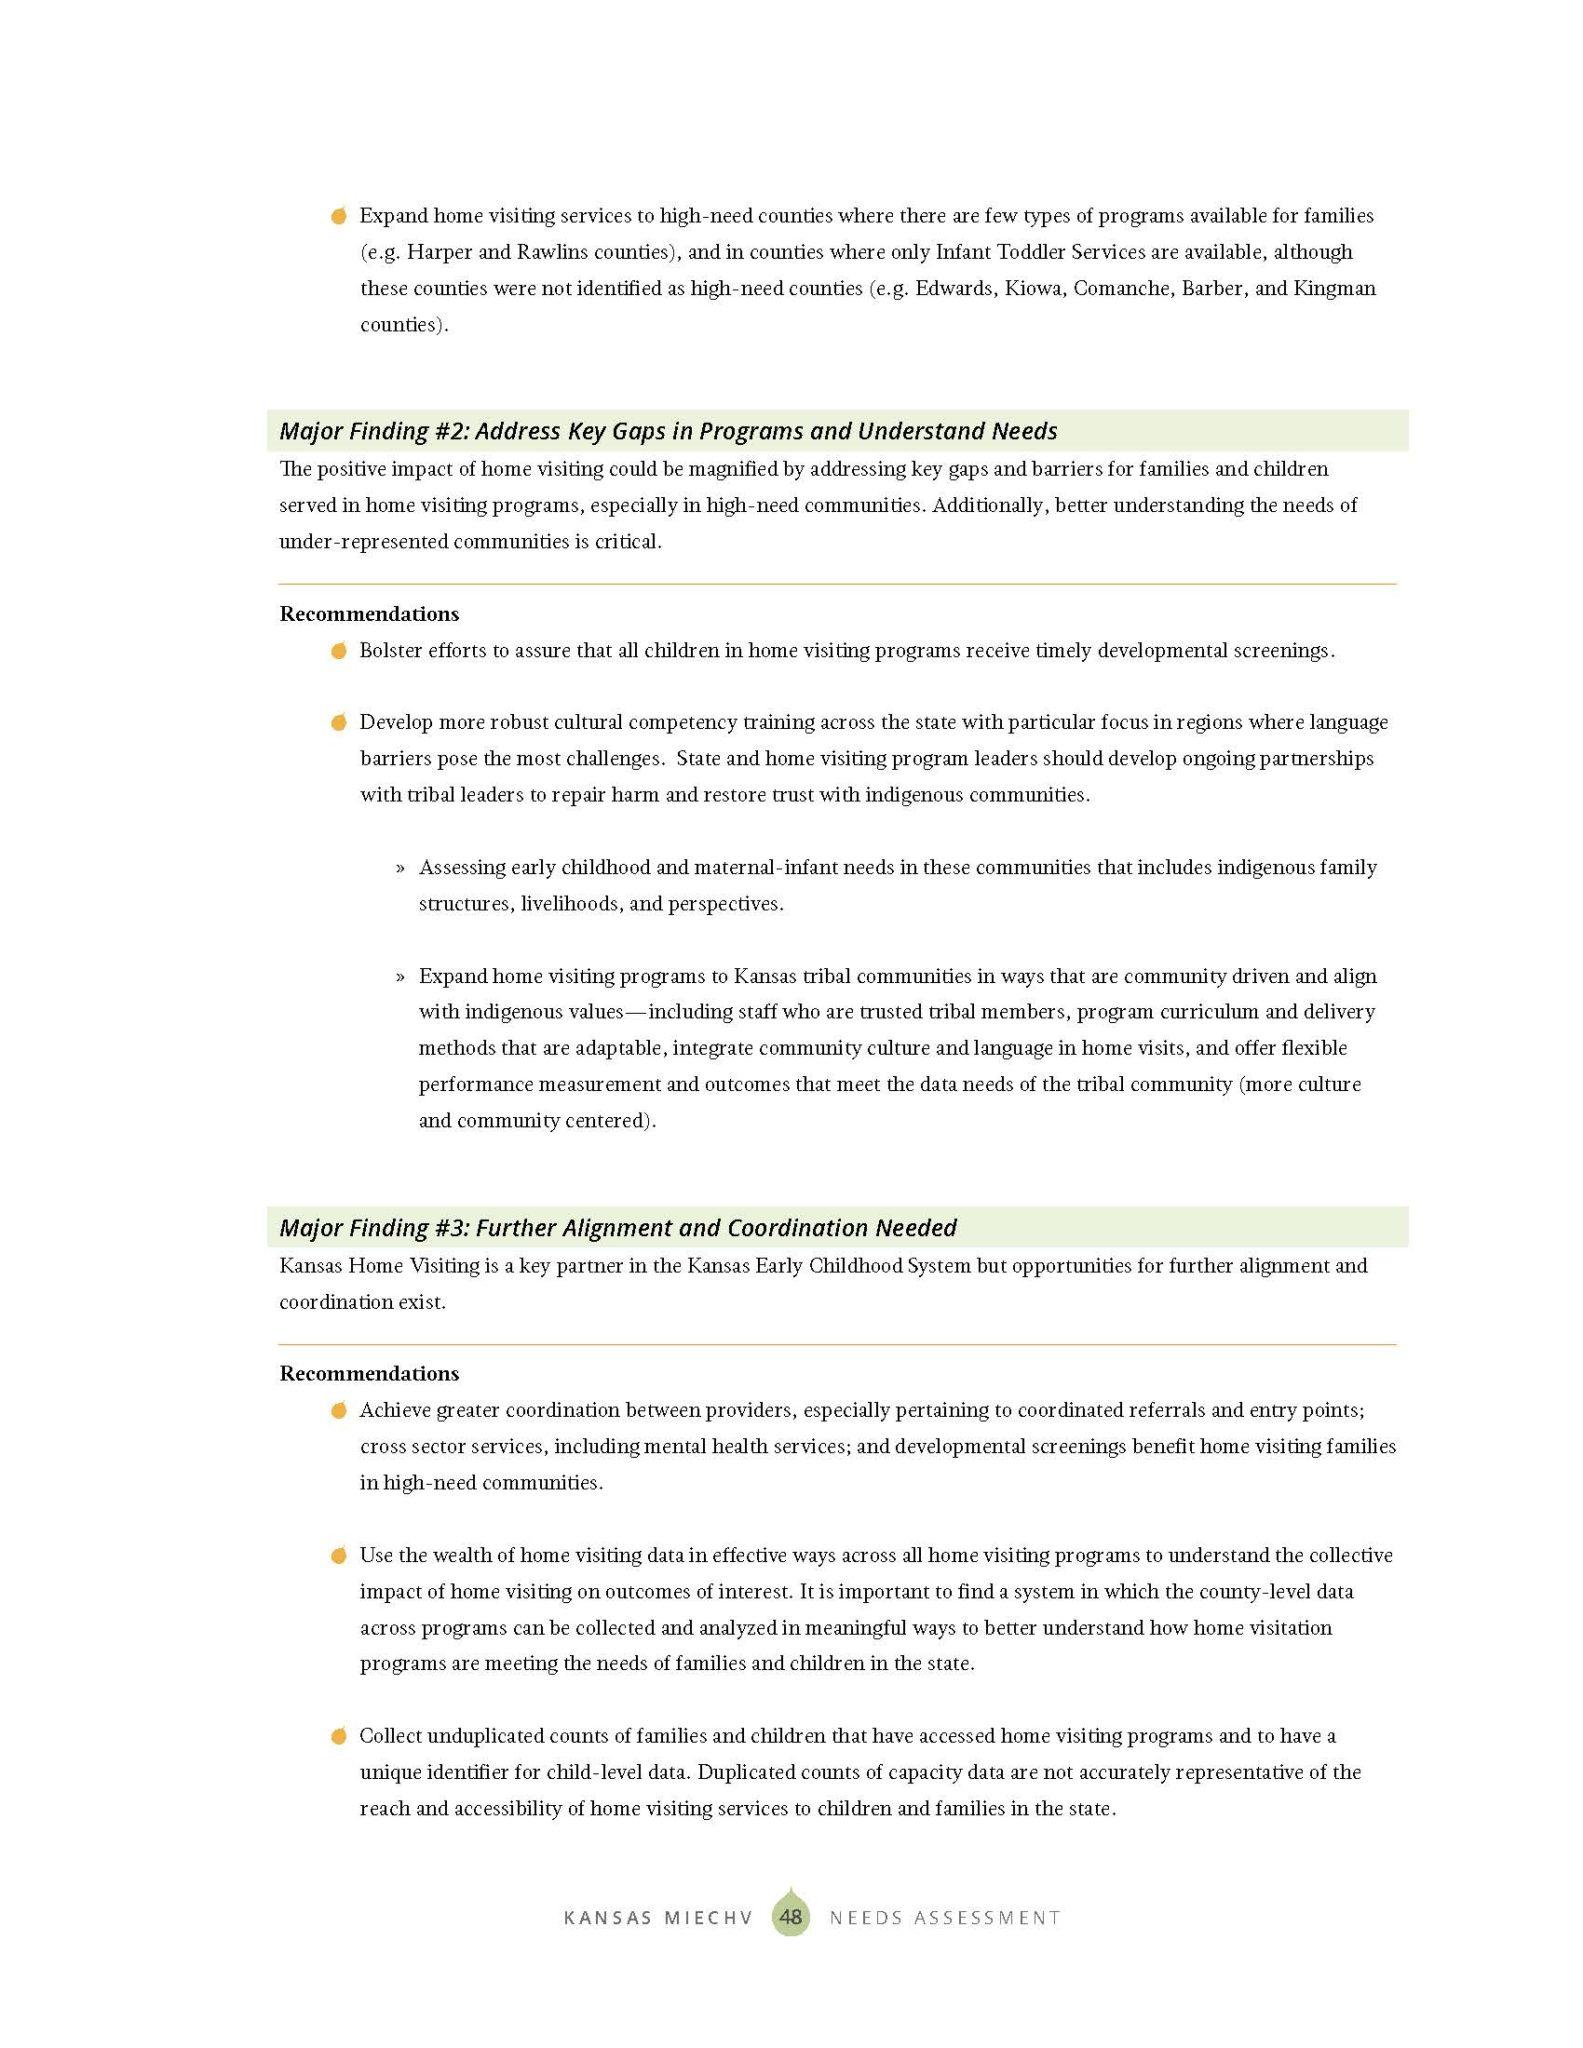 KS MIECHV 2020 Needs Assessment_DIGITAL_Page_056